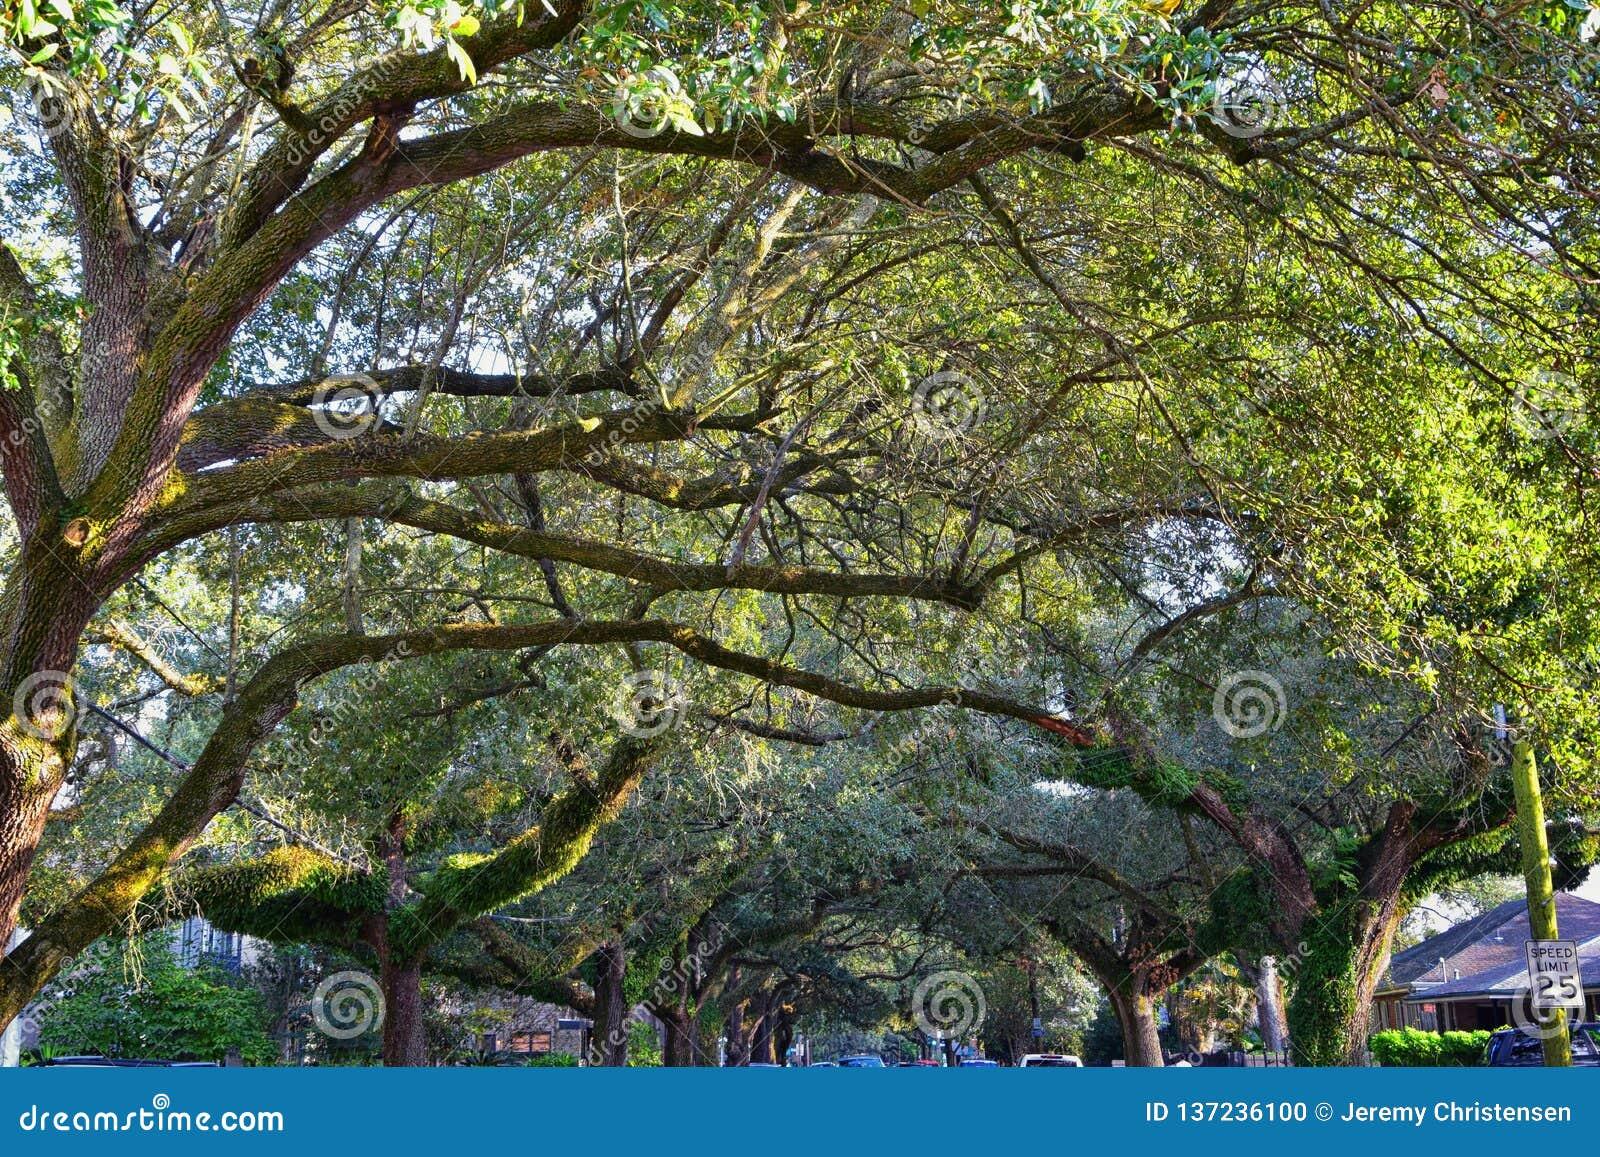 Взгляды деревьев и уникальных аспектов природы окружая Новый Орлеан, включая зеркальные пруды в кладбищах и районе сада